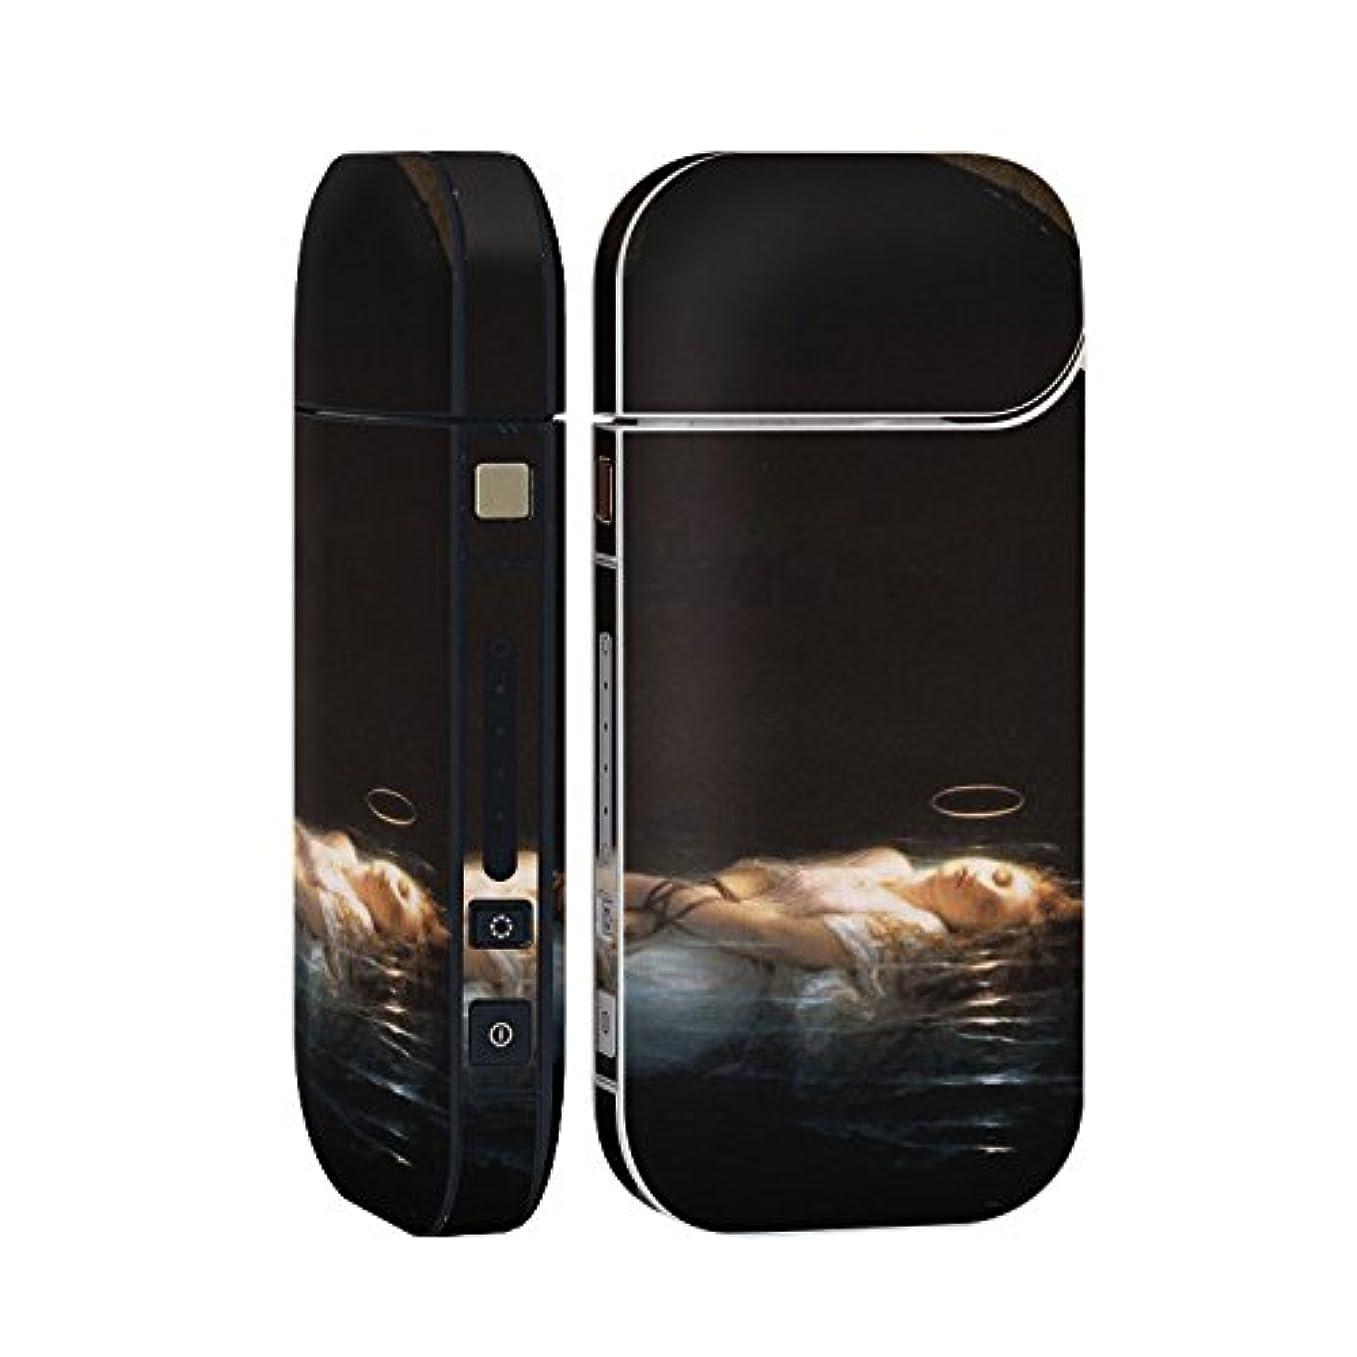 配る不実外側スマコレ IQOS 2.4 Plus 専用 シール 全面 ケース おしゃれ 全面ケース 保護 ステッカー デコ アクセサリー デザイン 写真?風景 クール 人物 絵画 イラスト 003213